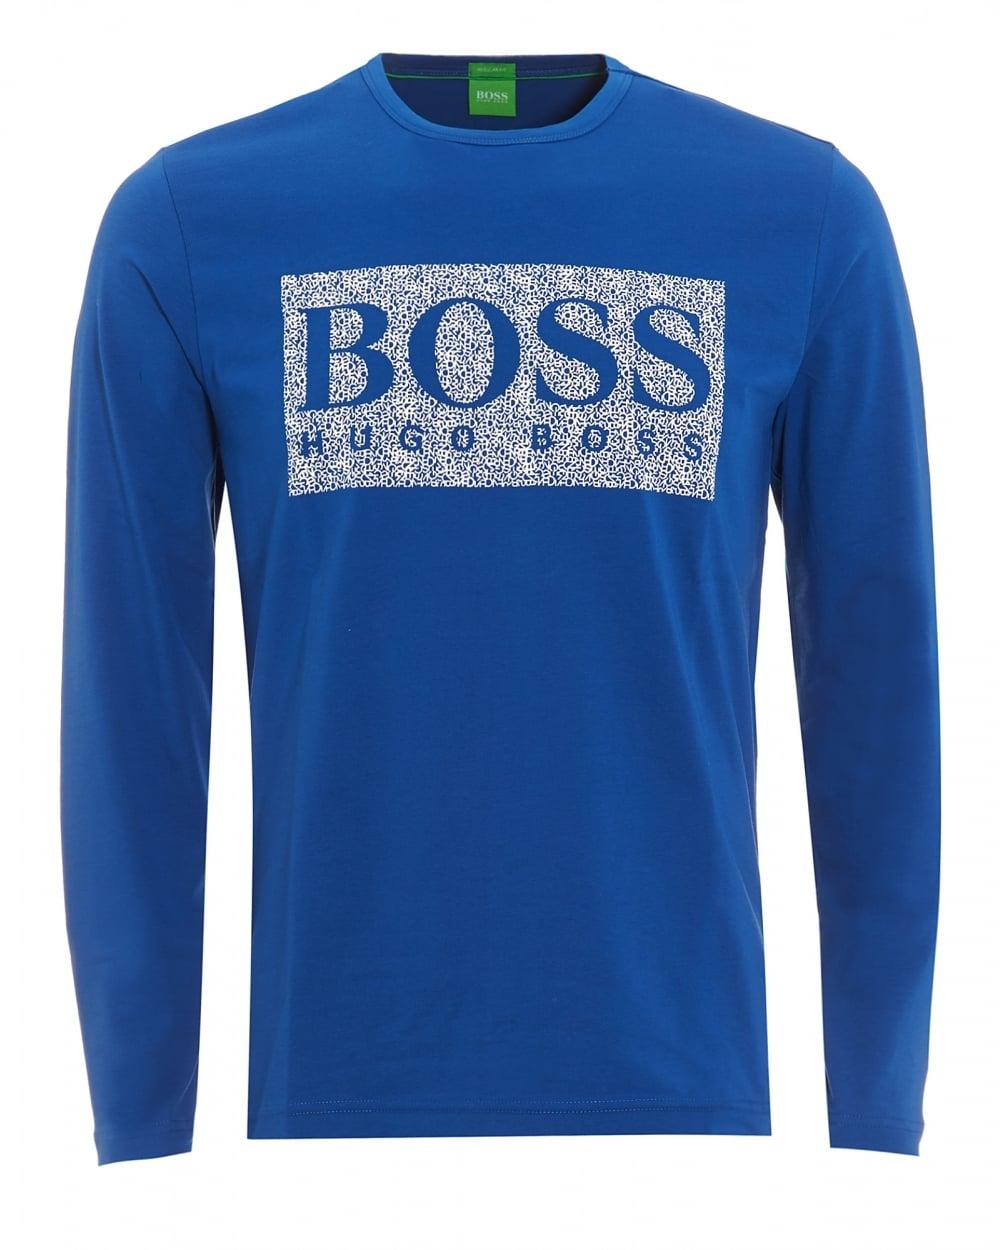 4513aac6 Hugo Boss Green Mens Togn 1 T-Shirt, Monaco Blue Long Sleeve Logo Tee